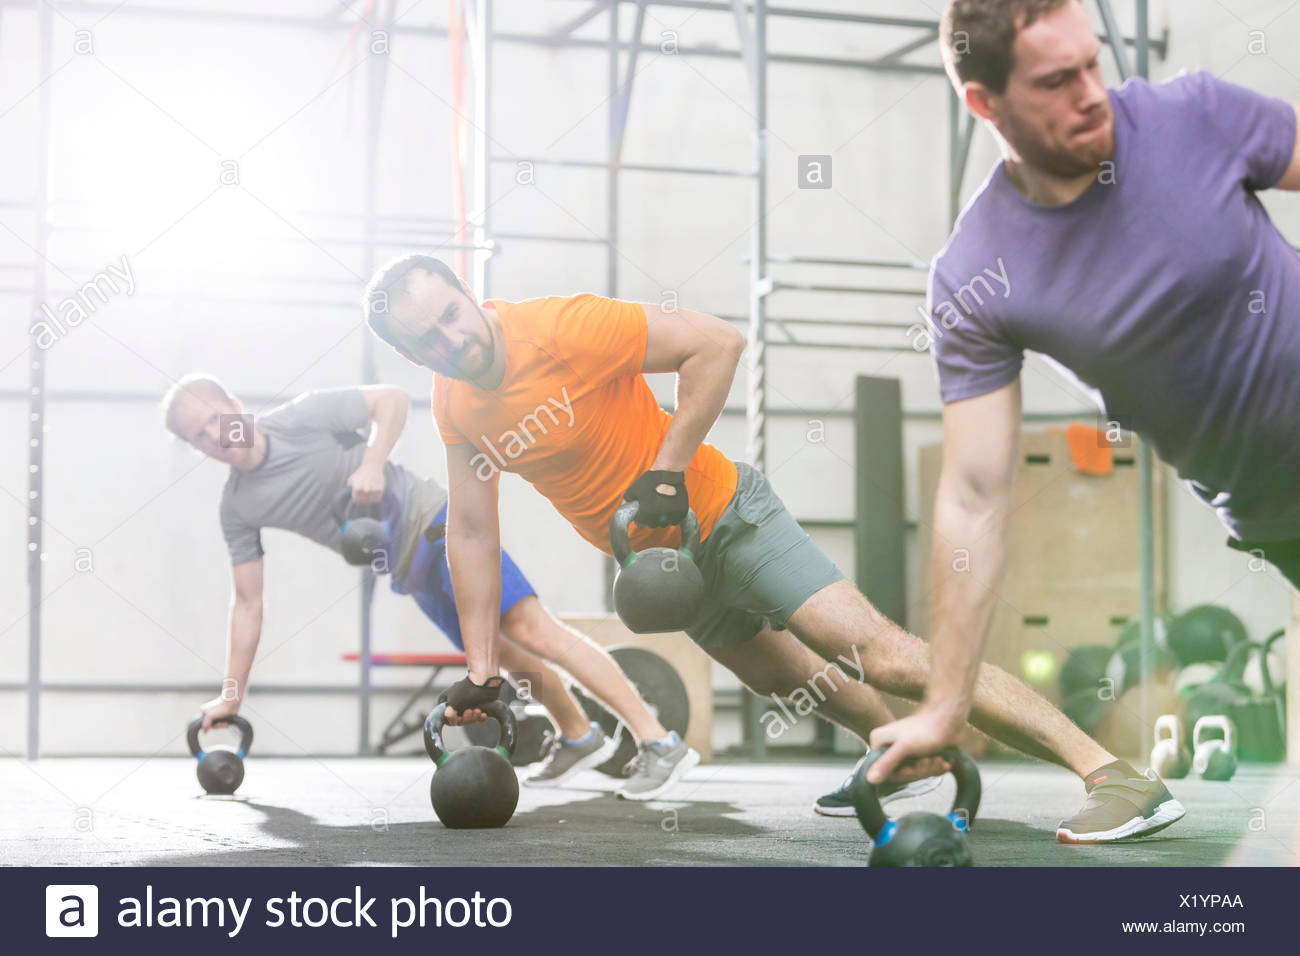 Los hombres ejerciendo con kettlebells en gimnasio crossfit Imagen De Stock